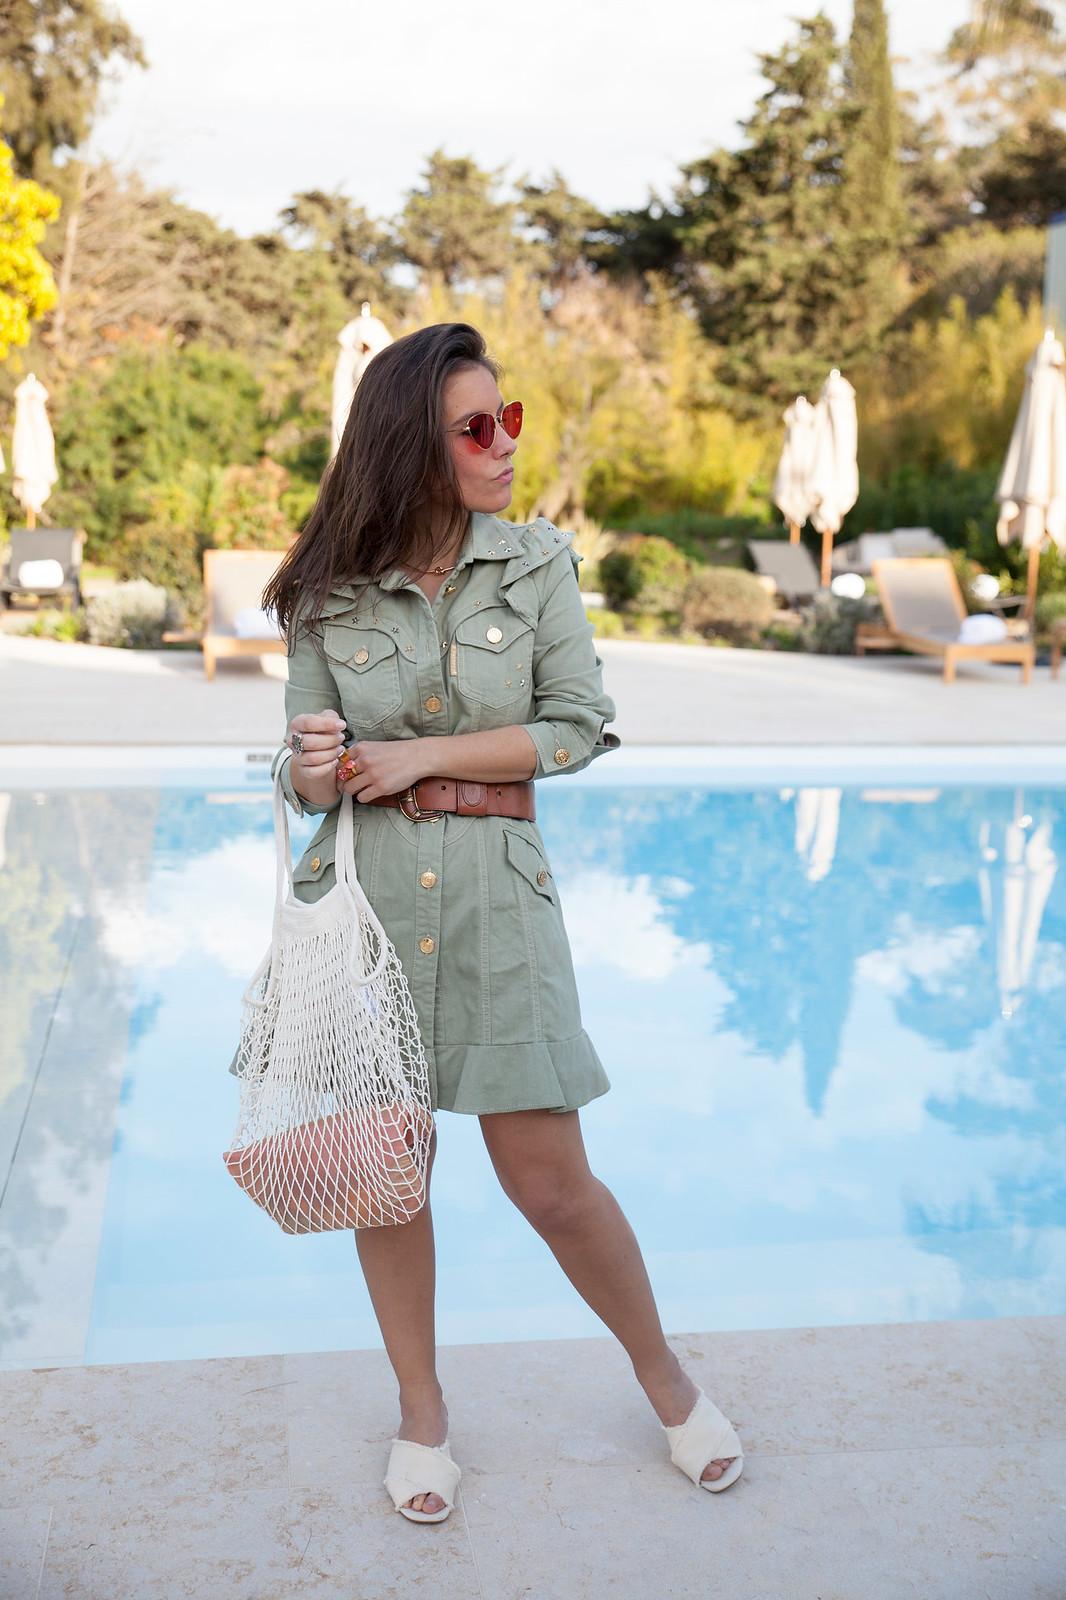 el vestido de moda que vas a querer Highly Preppy Theguestgirl Brand Ambassador